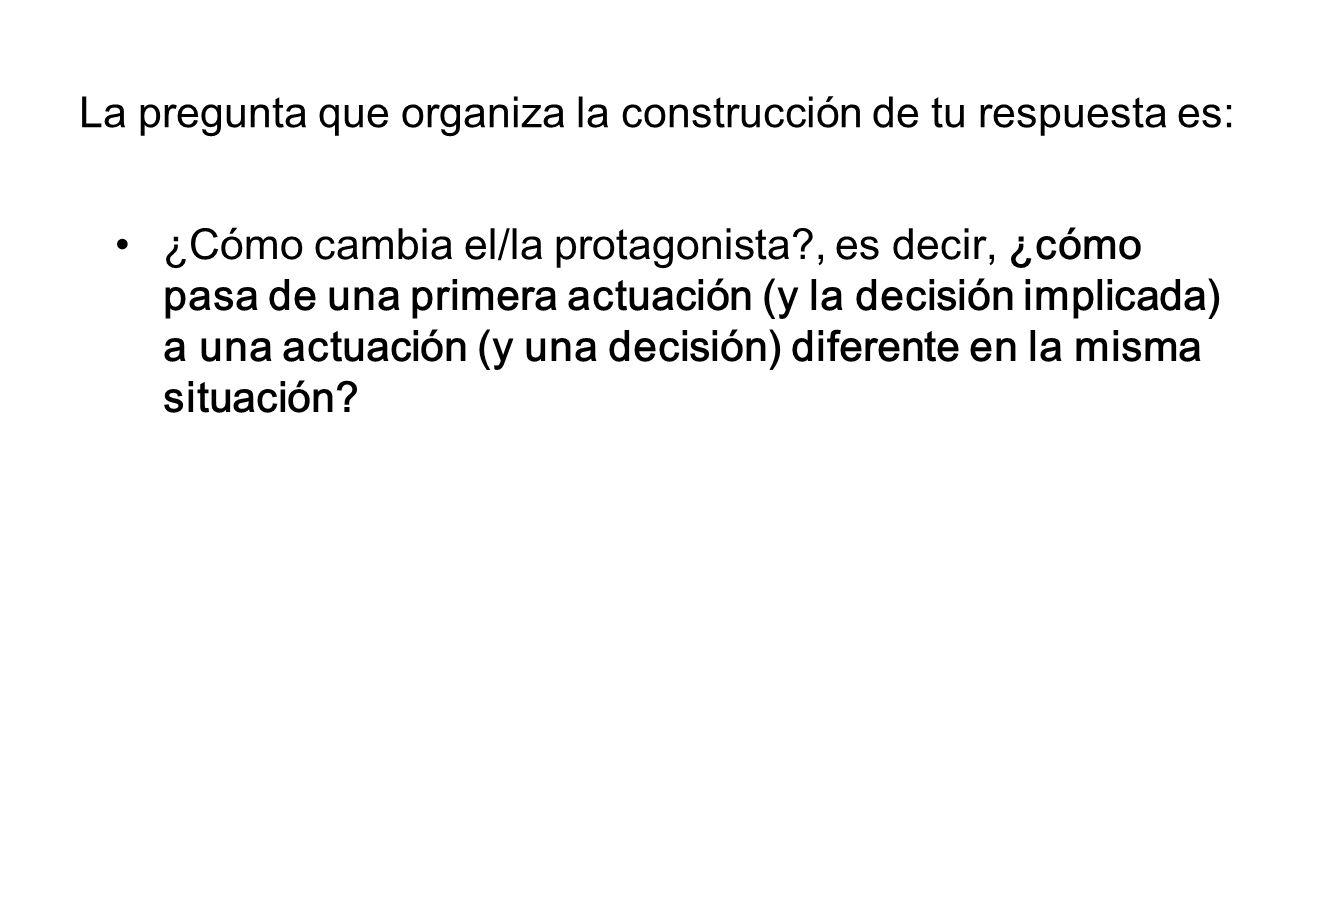 La pregunta que organiza la construcción de tu respuesta es: